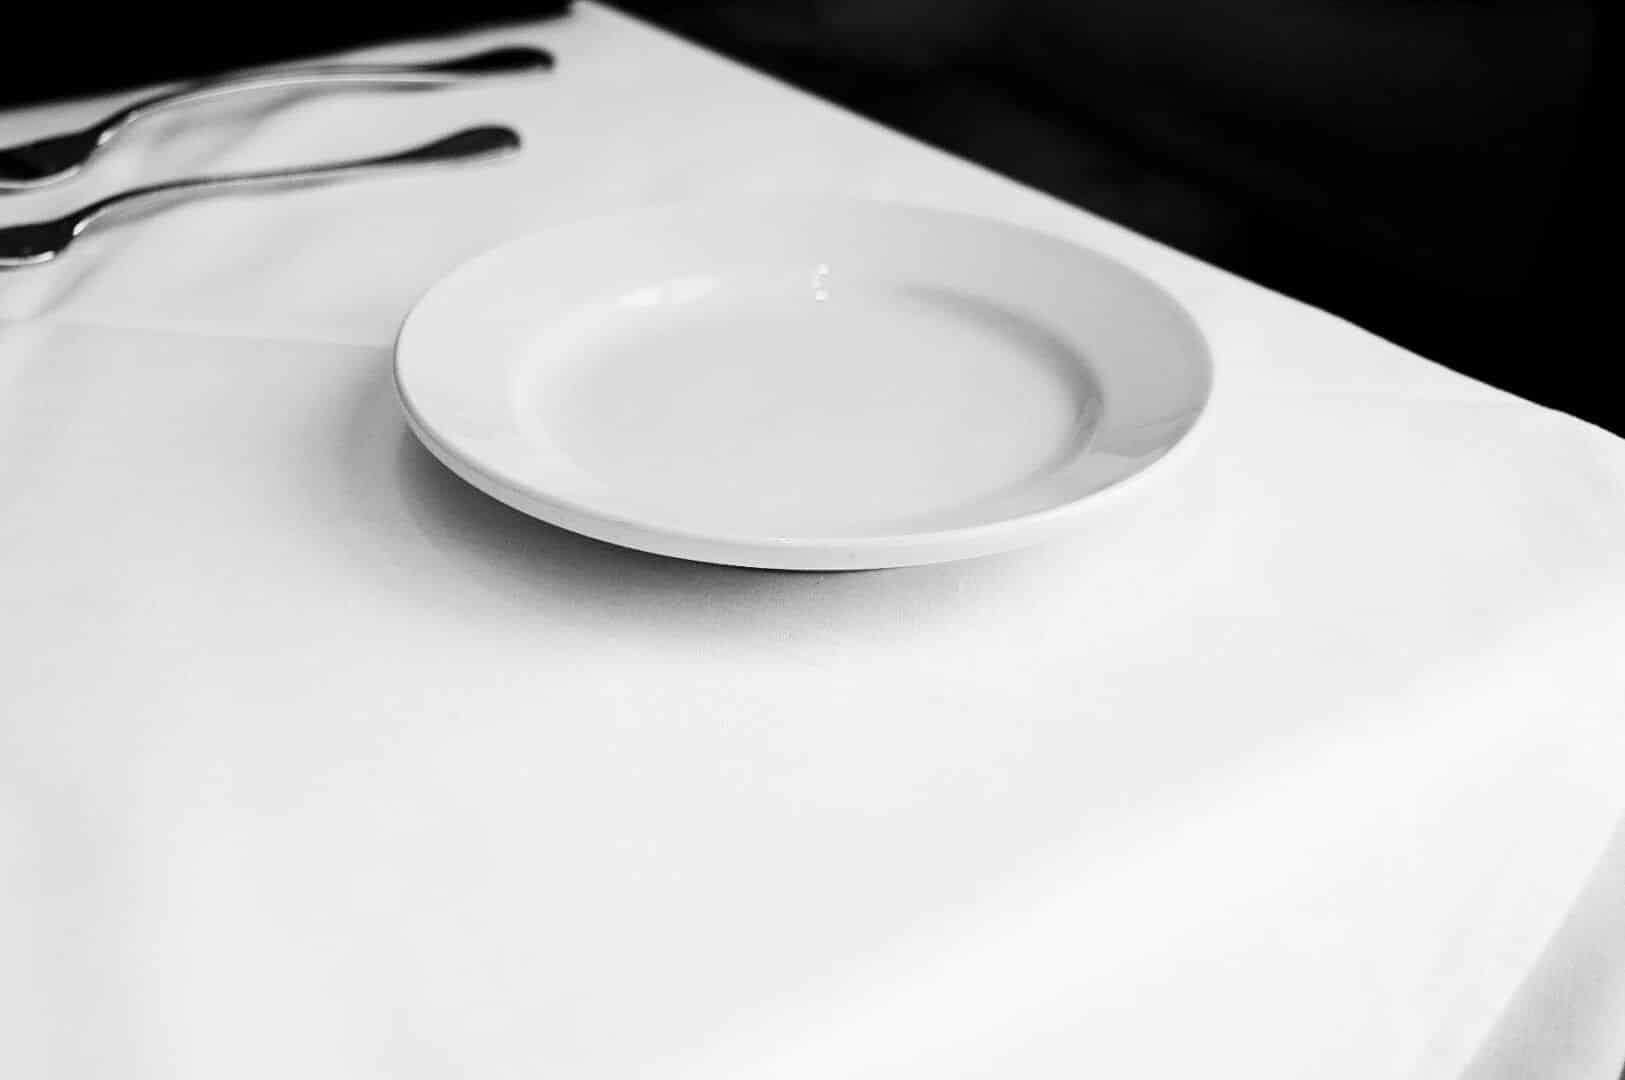 Ficar sem comer - O que acontece com o organismo se você não se alimentar